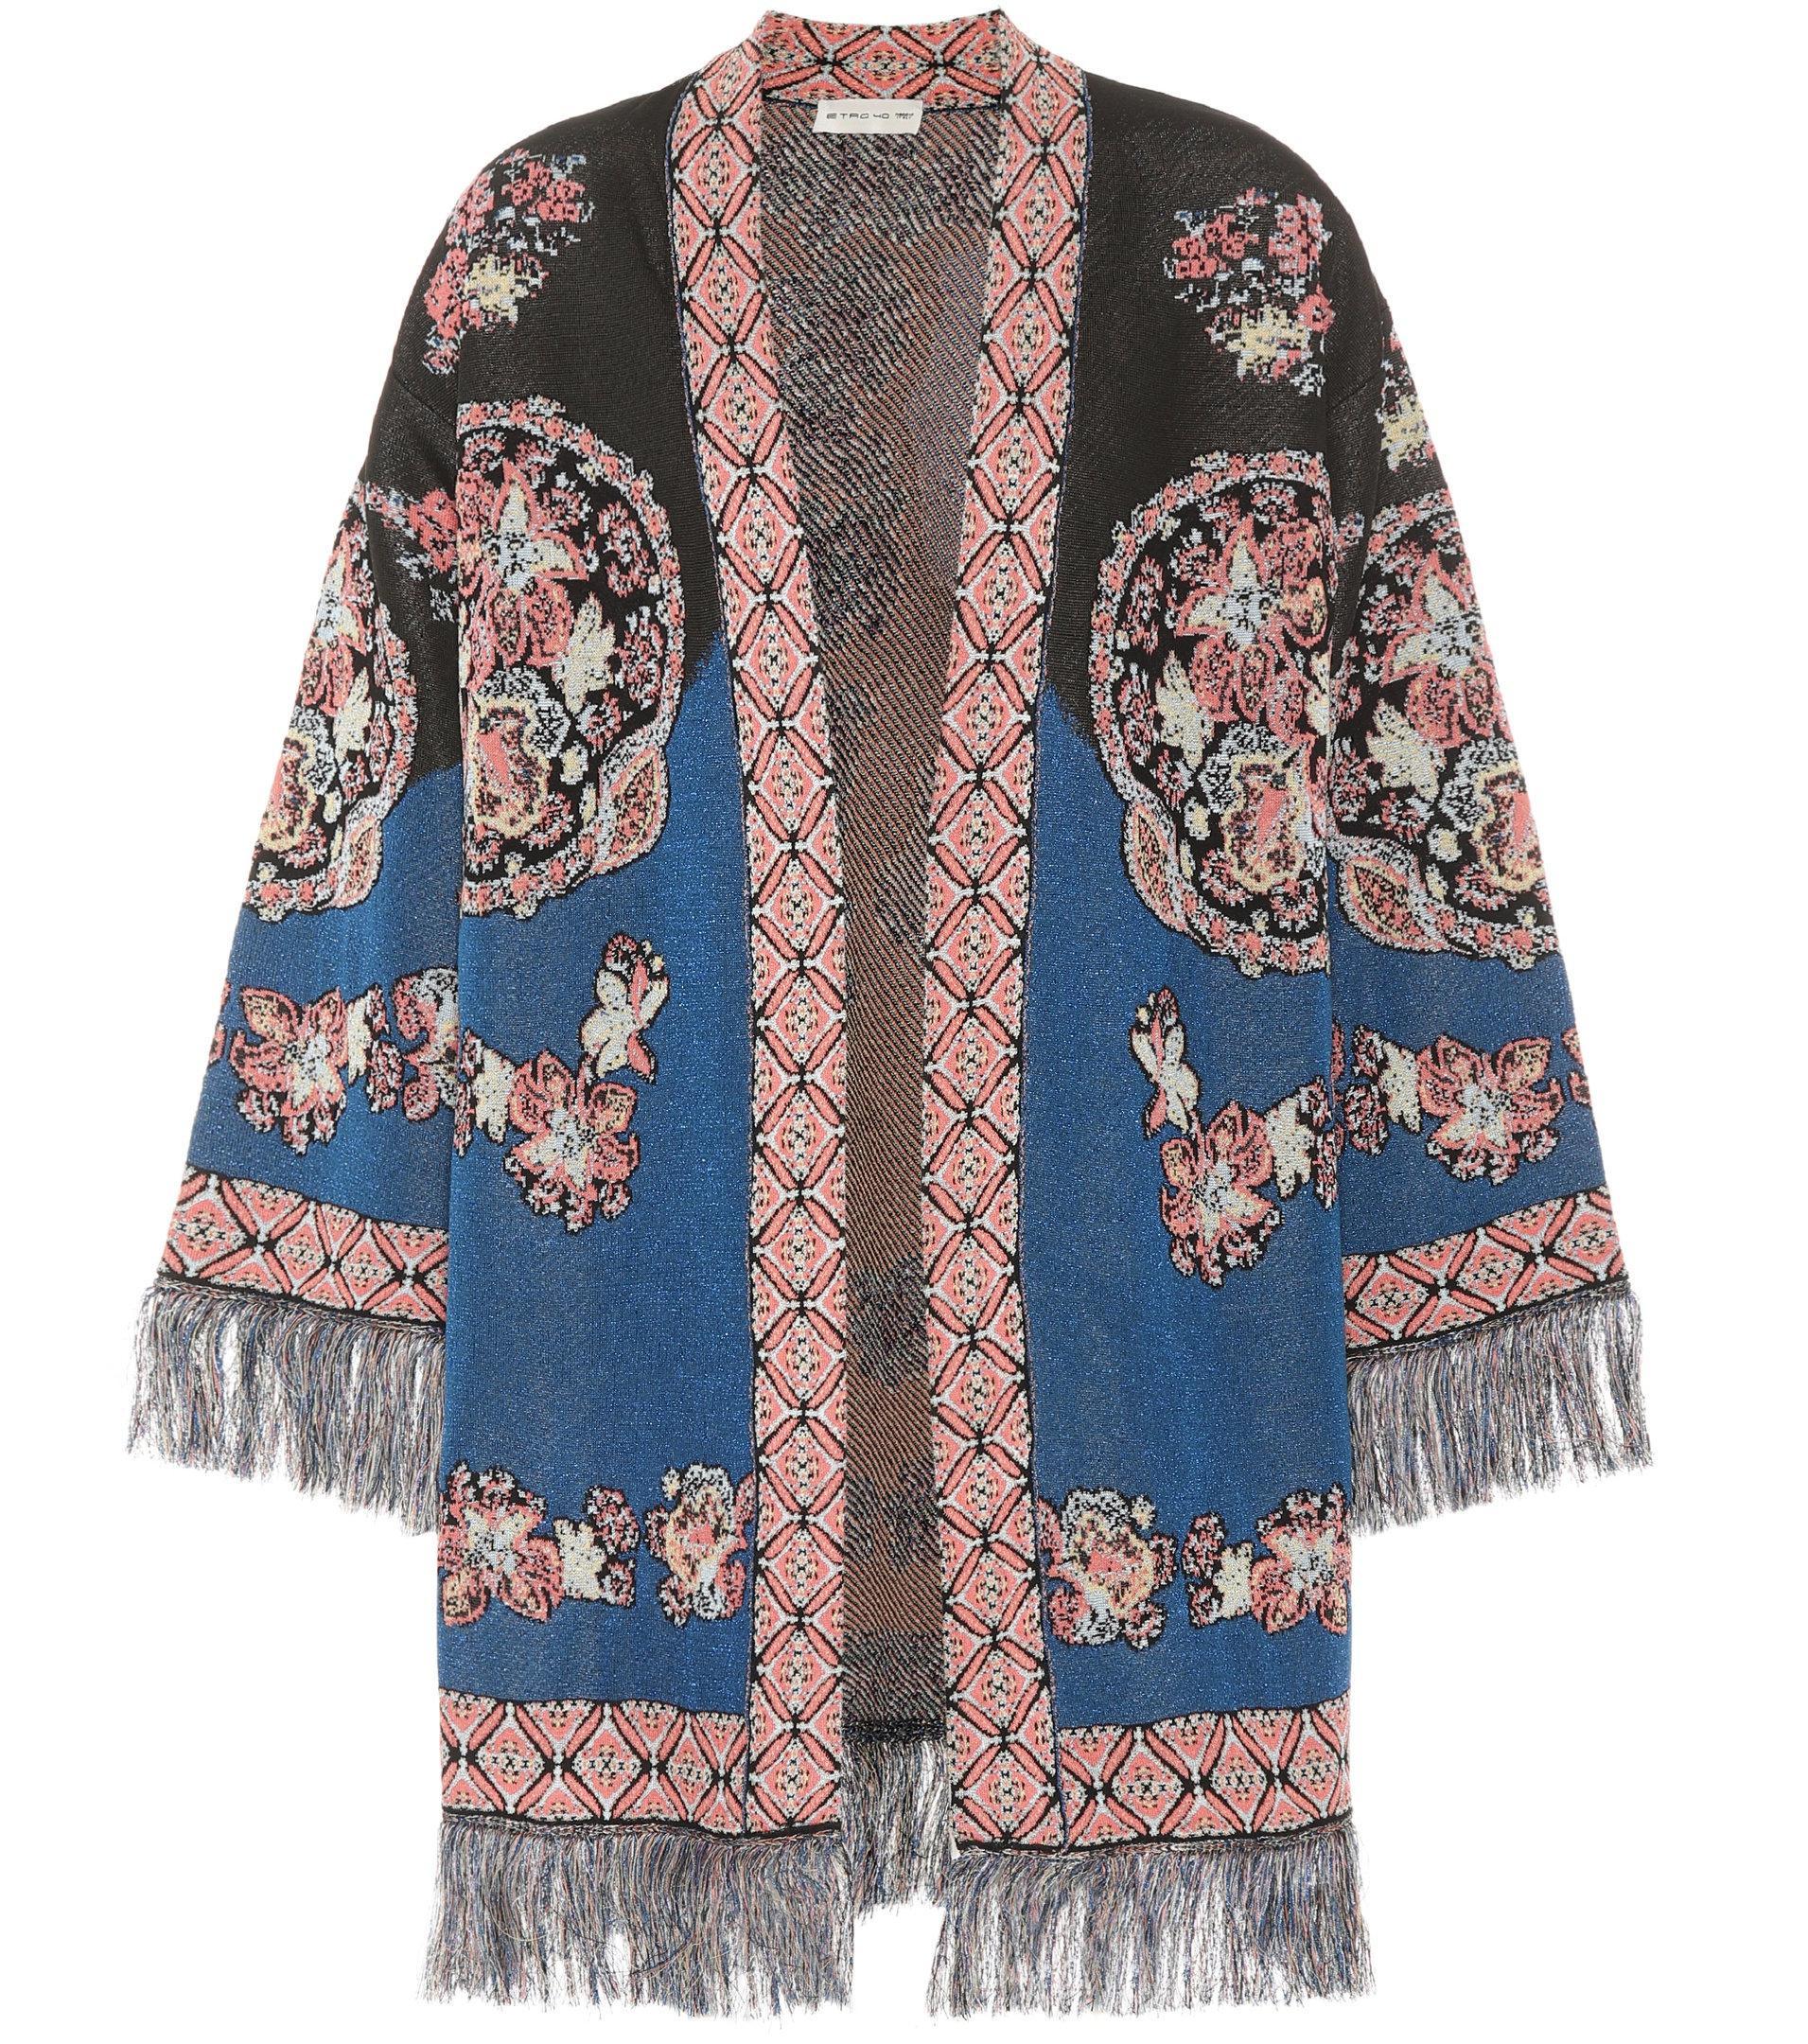 Fringed jacquard cardigan Etro Buy Cheap For Nice 3U5QHc6bRi